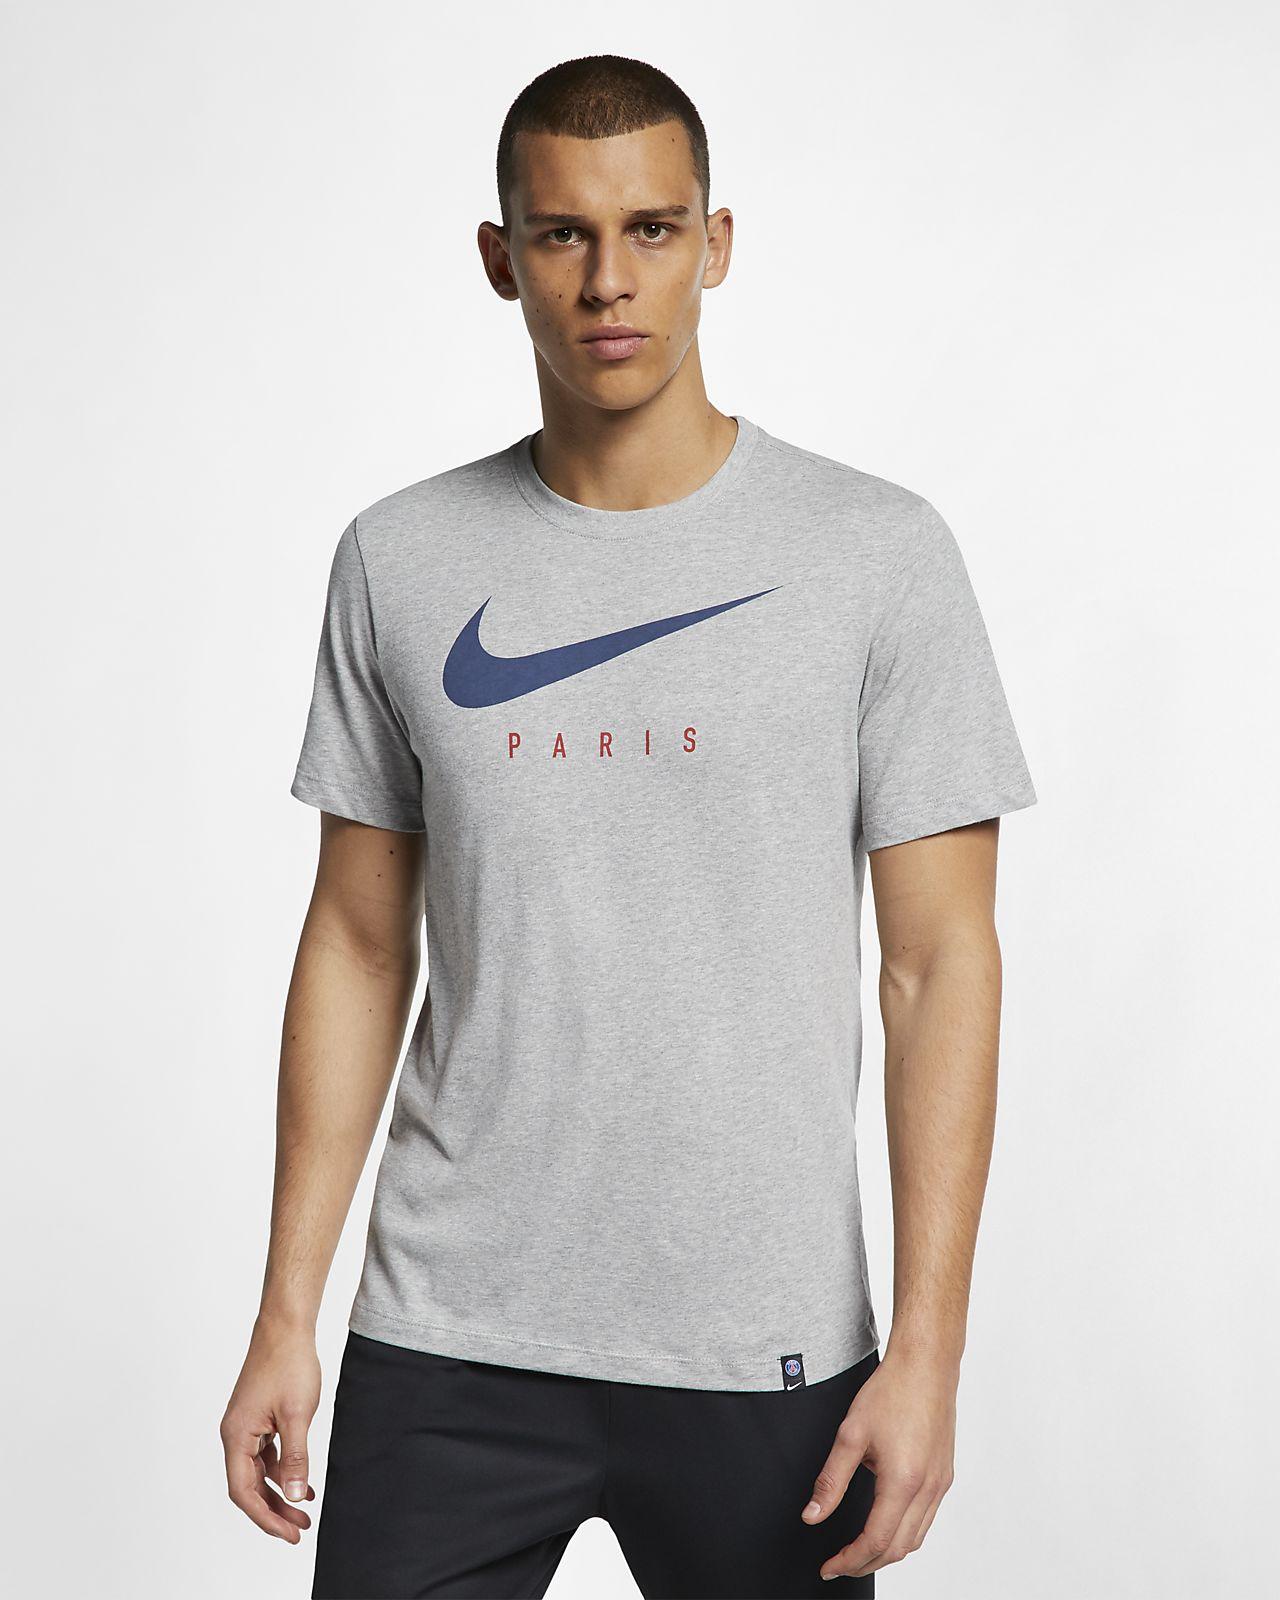 Nike Dri-FIT Paris St-Germain Fußball-T-Shirt für Herren